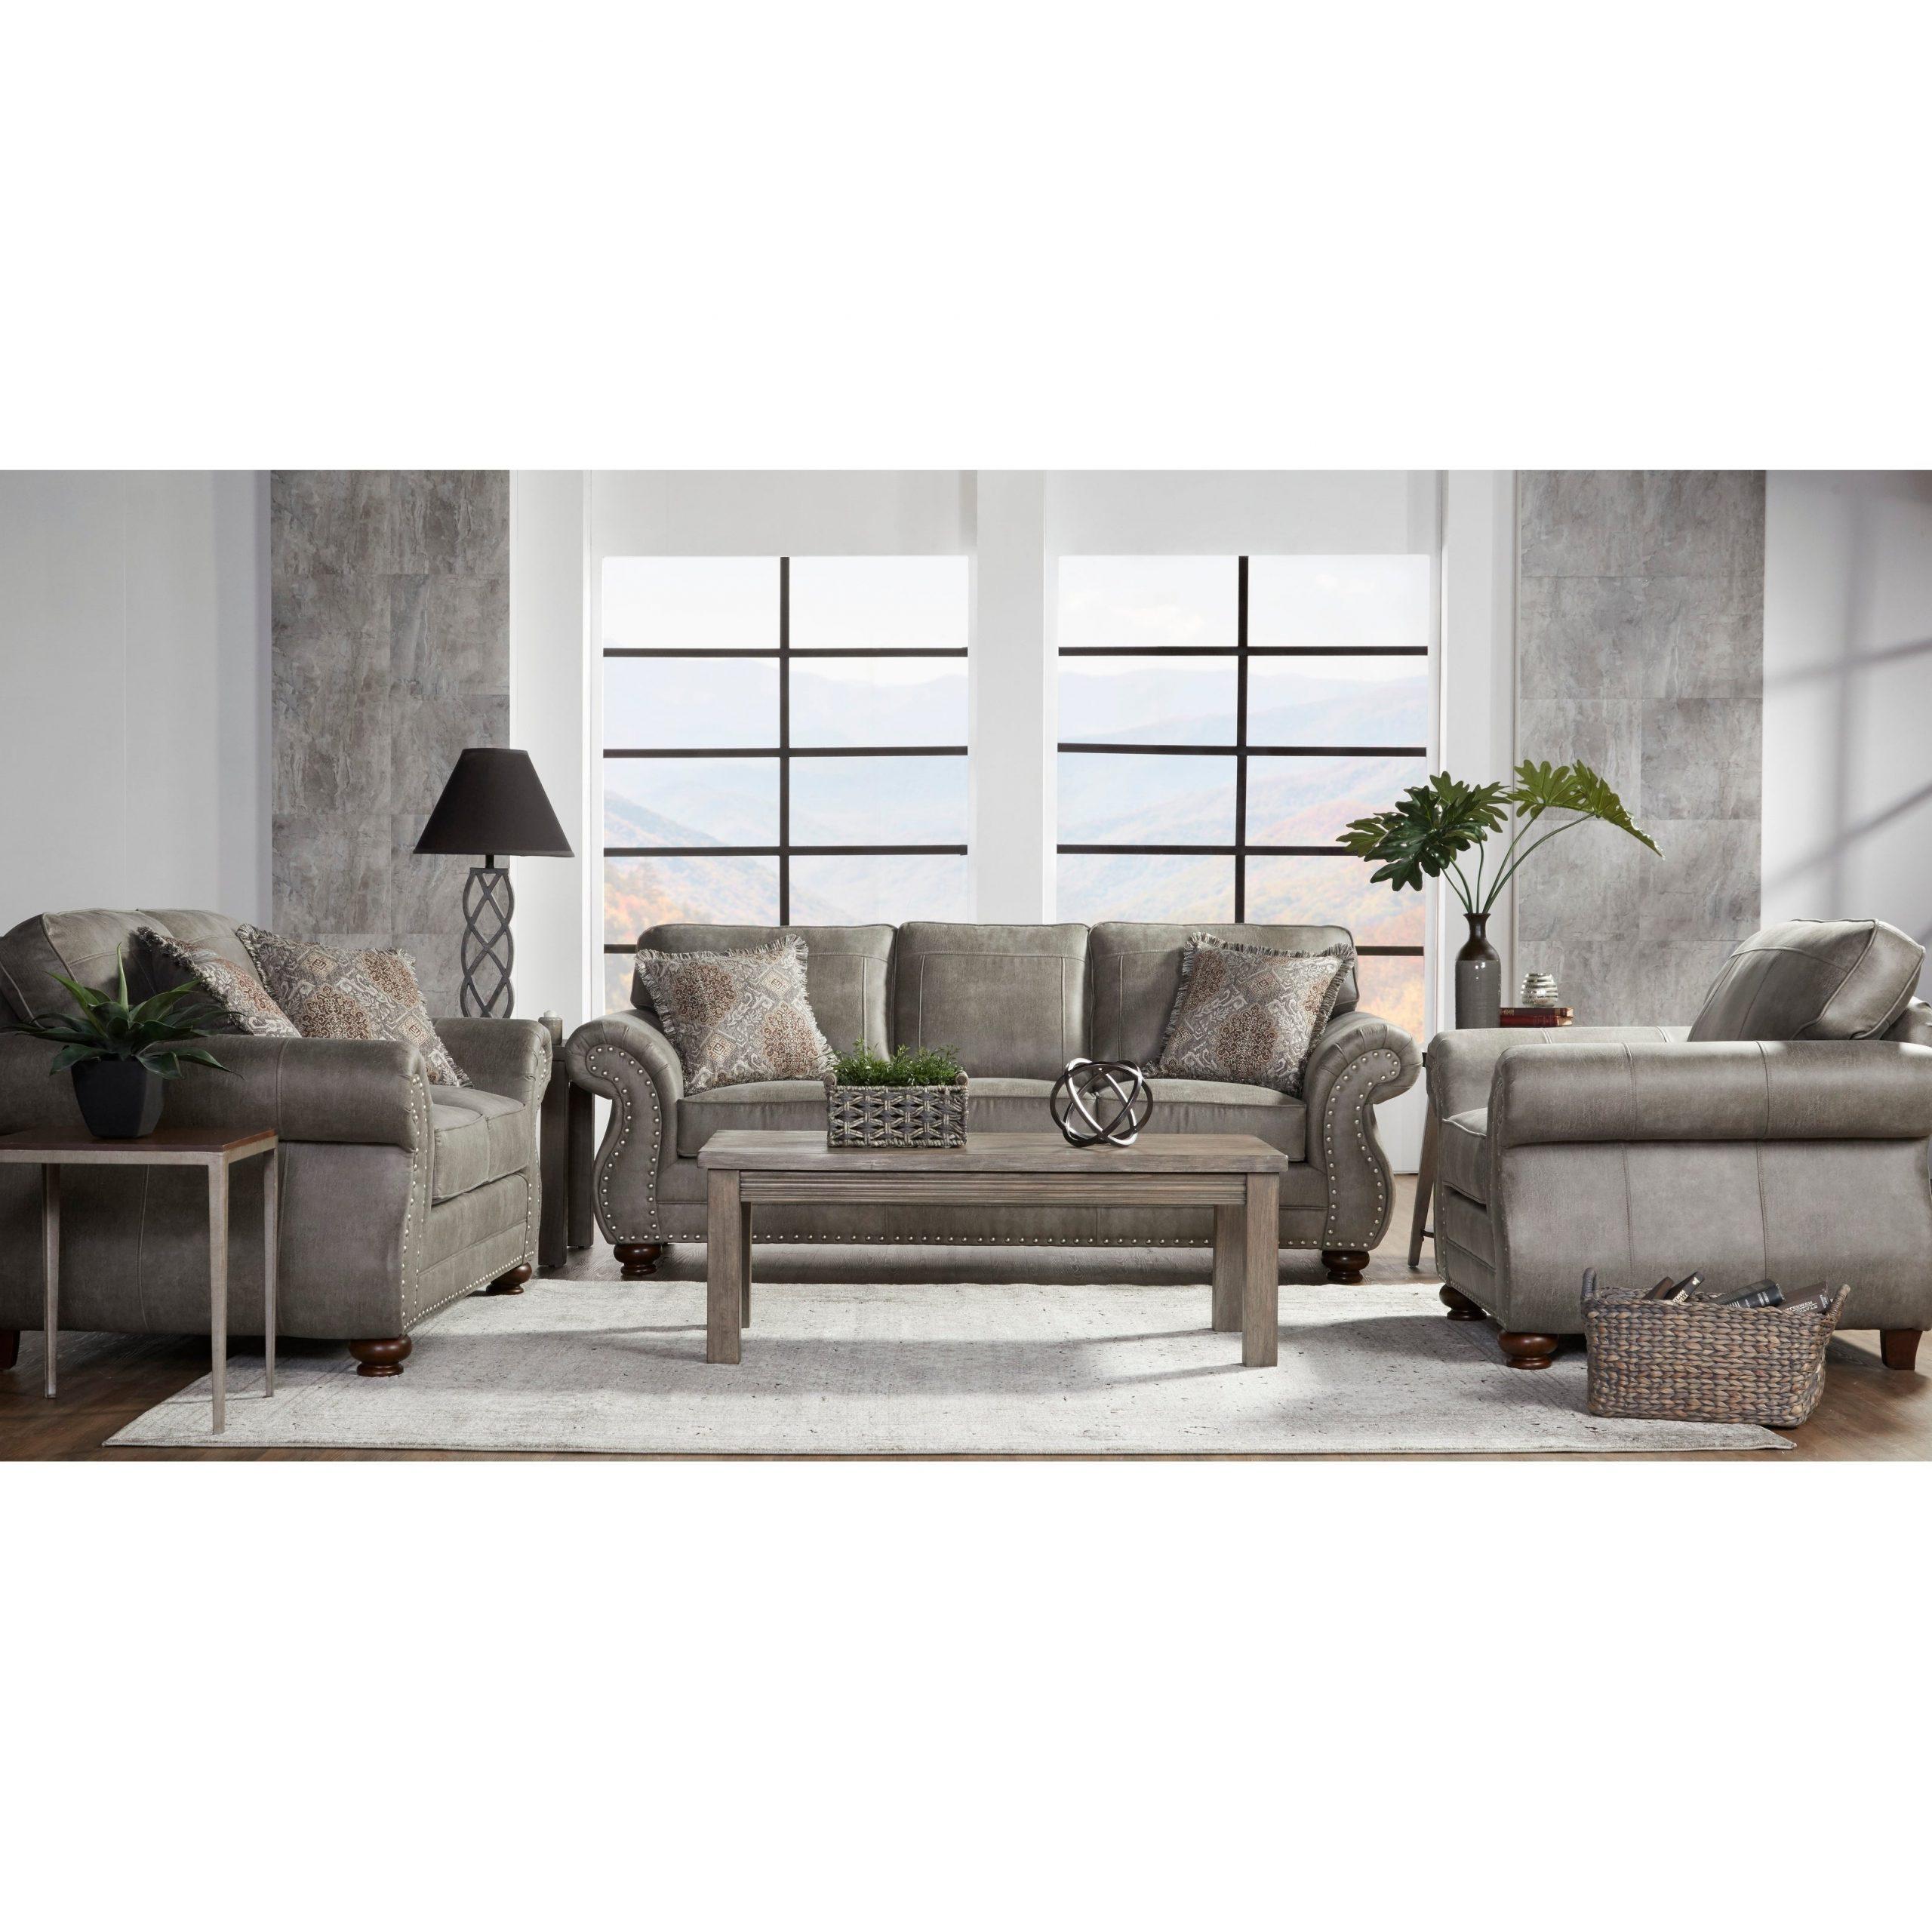 Gray Nailhead Sofa Set – Aleitmclarley Throughout Trendy Radcliff Nailhead Trim Sectional Sofas Gray (View 18 of 25)